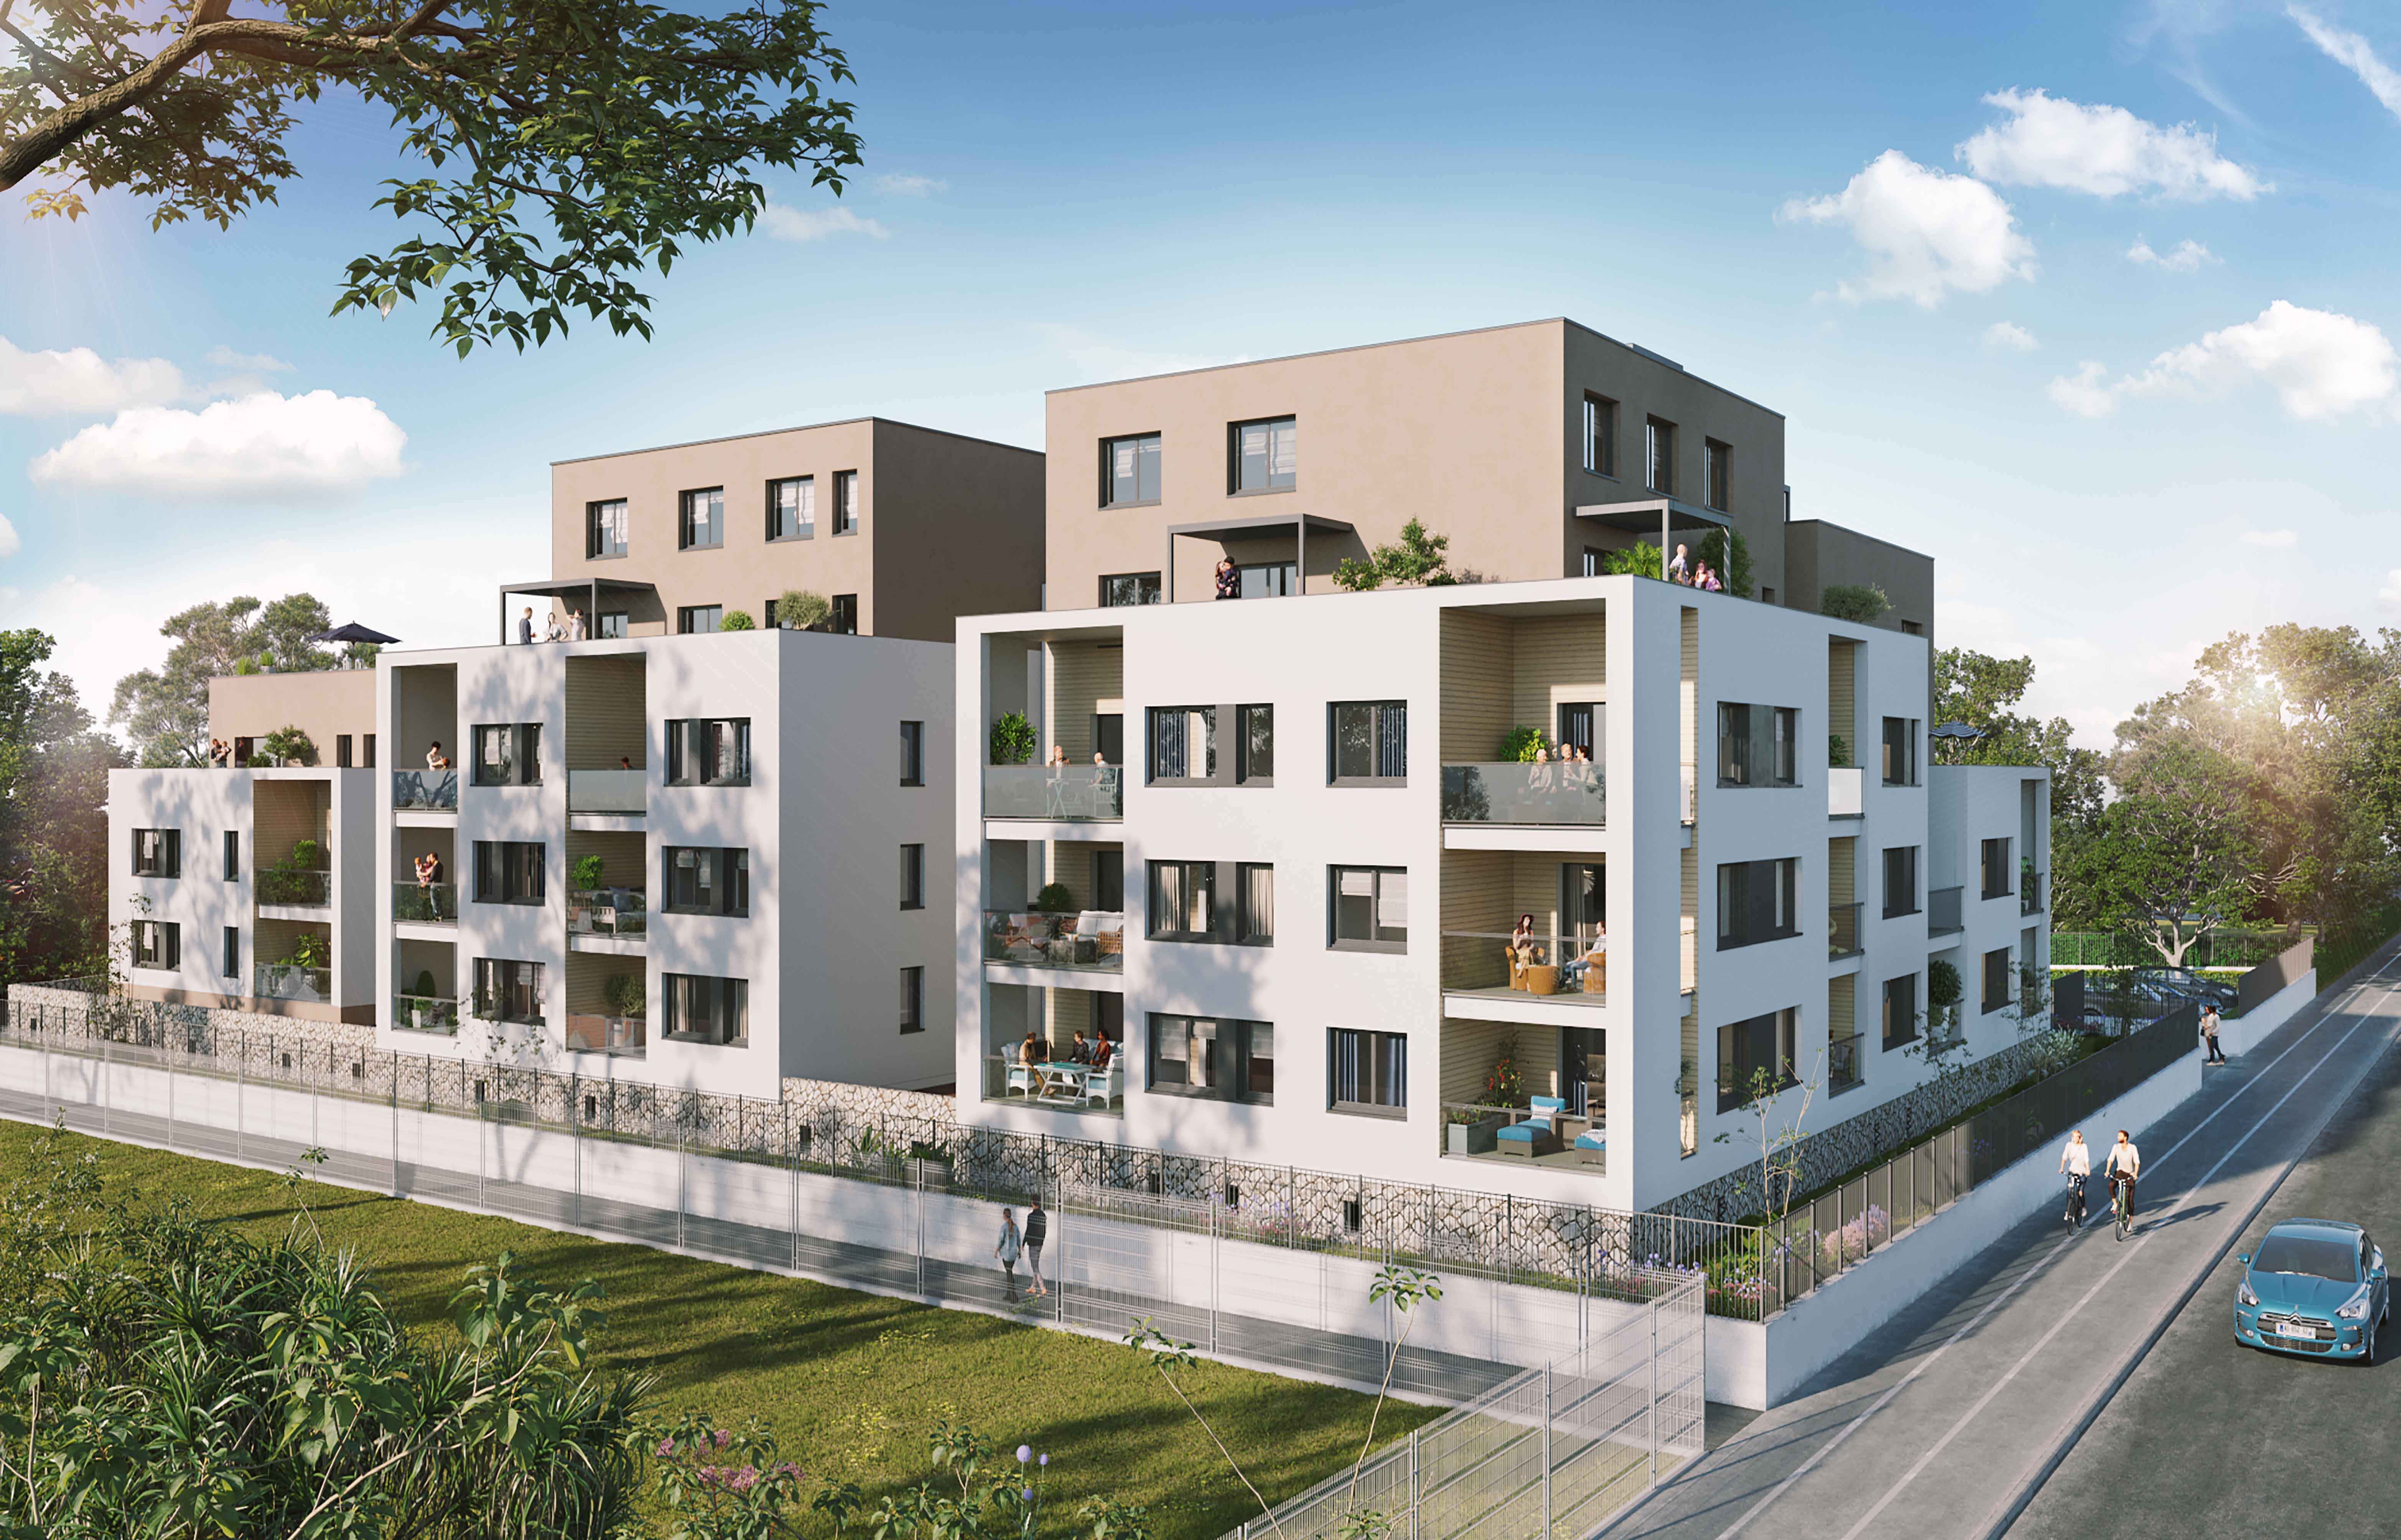 Programme immobilier Grenoble (38000) Une Oasis de verdure au pied des montagnes CO5